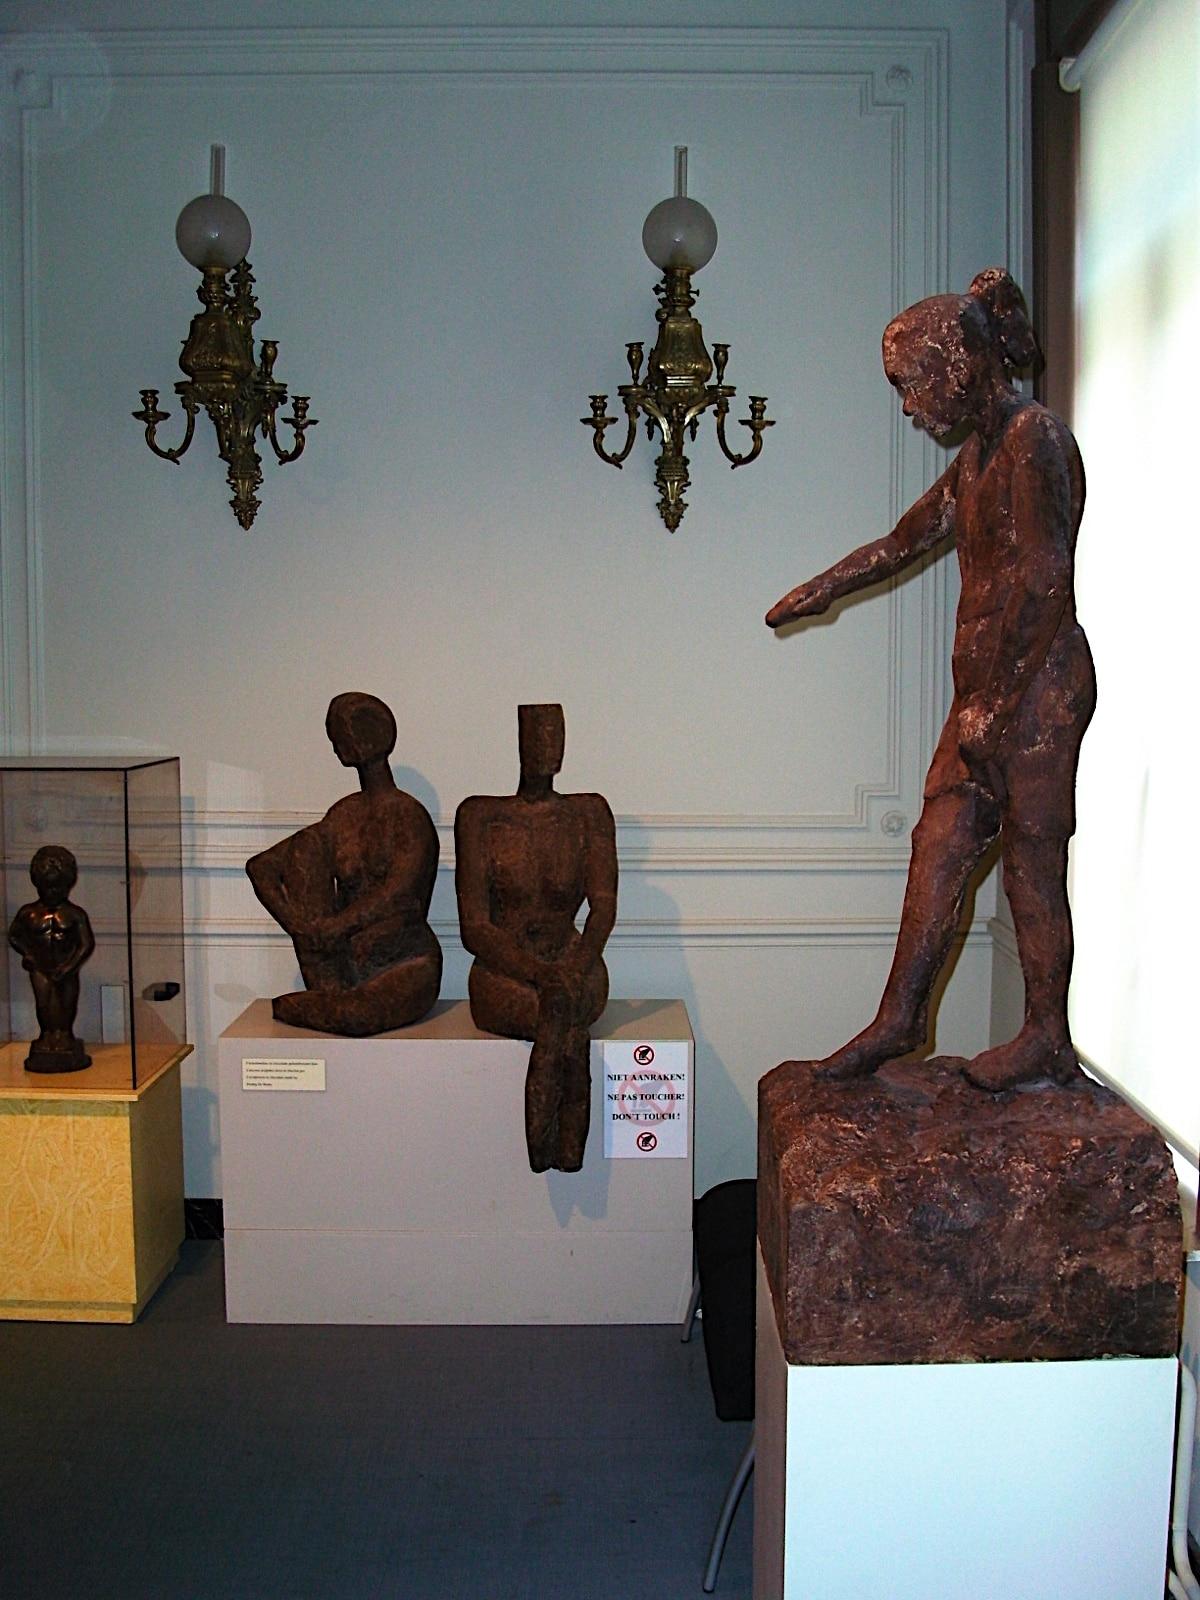 Sculpturi de ciocolată din cadrul Muzeului de Ciocolată, Bruges